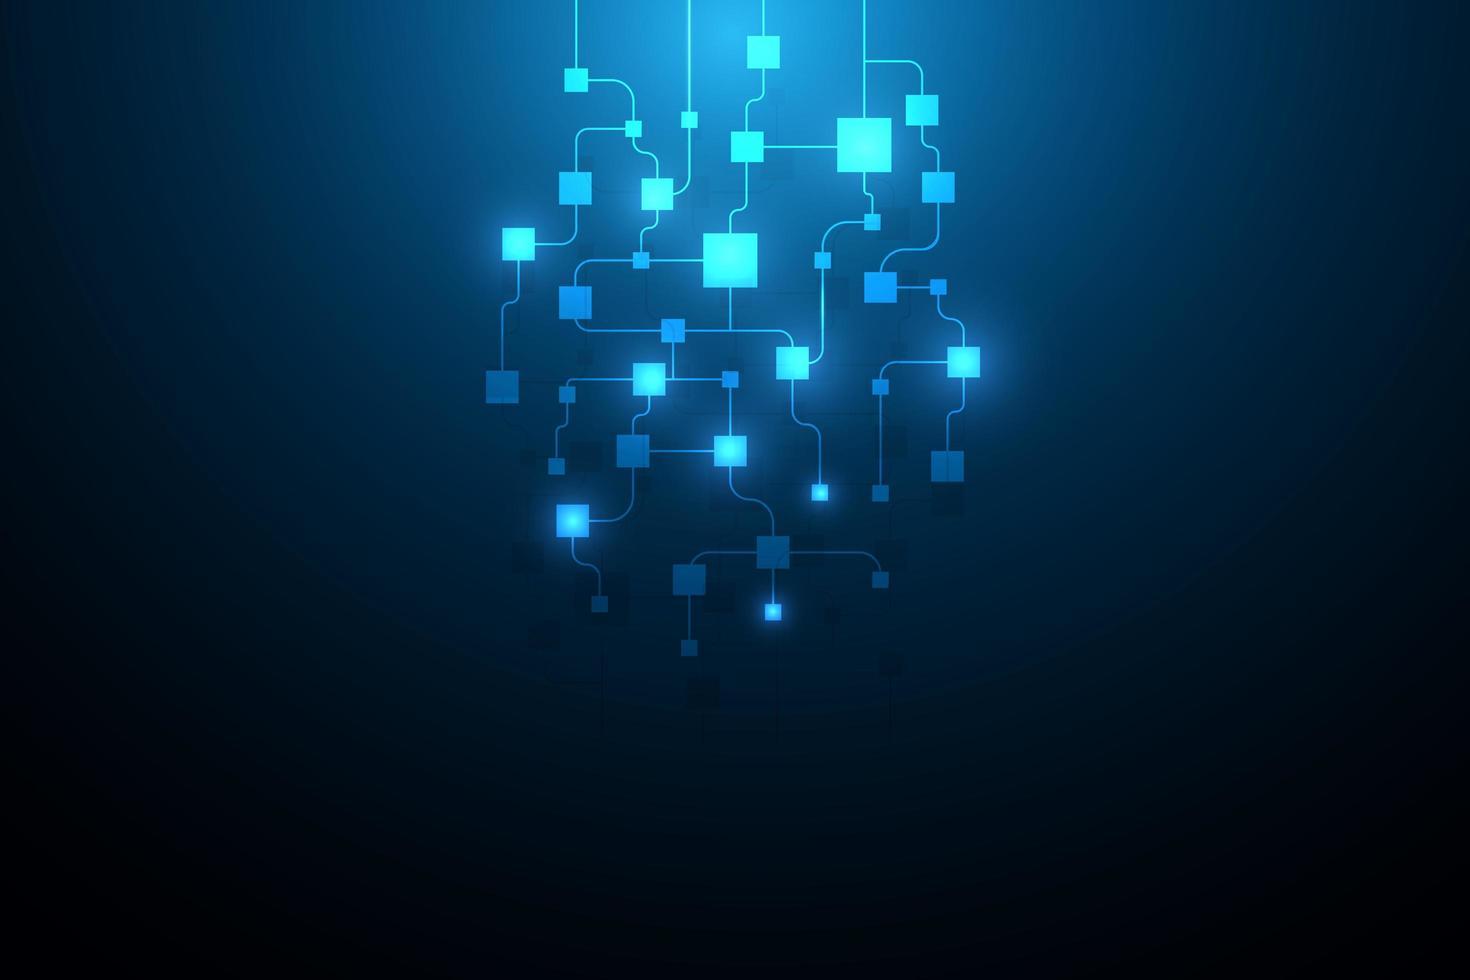 résumé, circuit, réseautage, blockchain, concept, fond vecteur